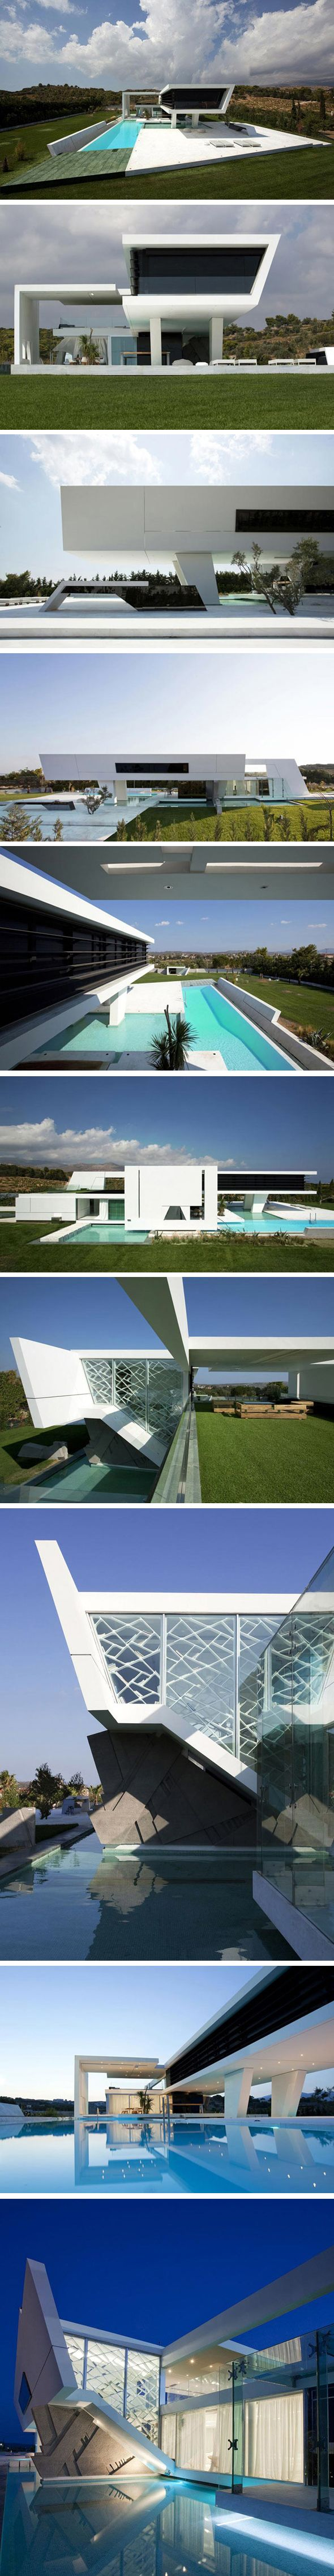 Cette résidence futuriste suspendue sur de larges piliers, semble planer au-dessus de l'eau bleue de la piscine… Réalisée par 314 Architecture Studio, la maison a une superficie totale de 300 m2 et une forme qui s'inspire de celle d'un bateau, clin d'oeil à la passion du propriétaire pour les yachts